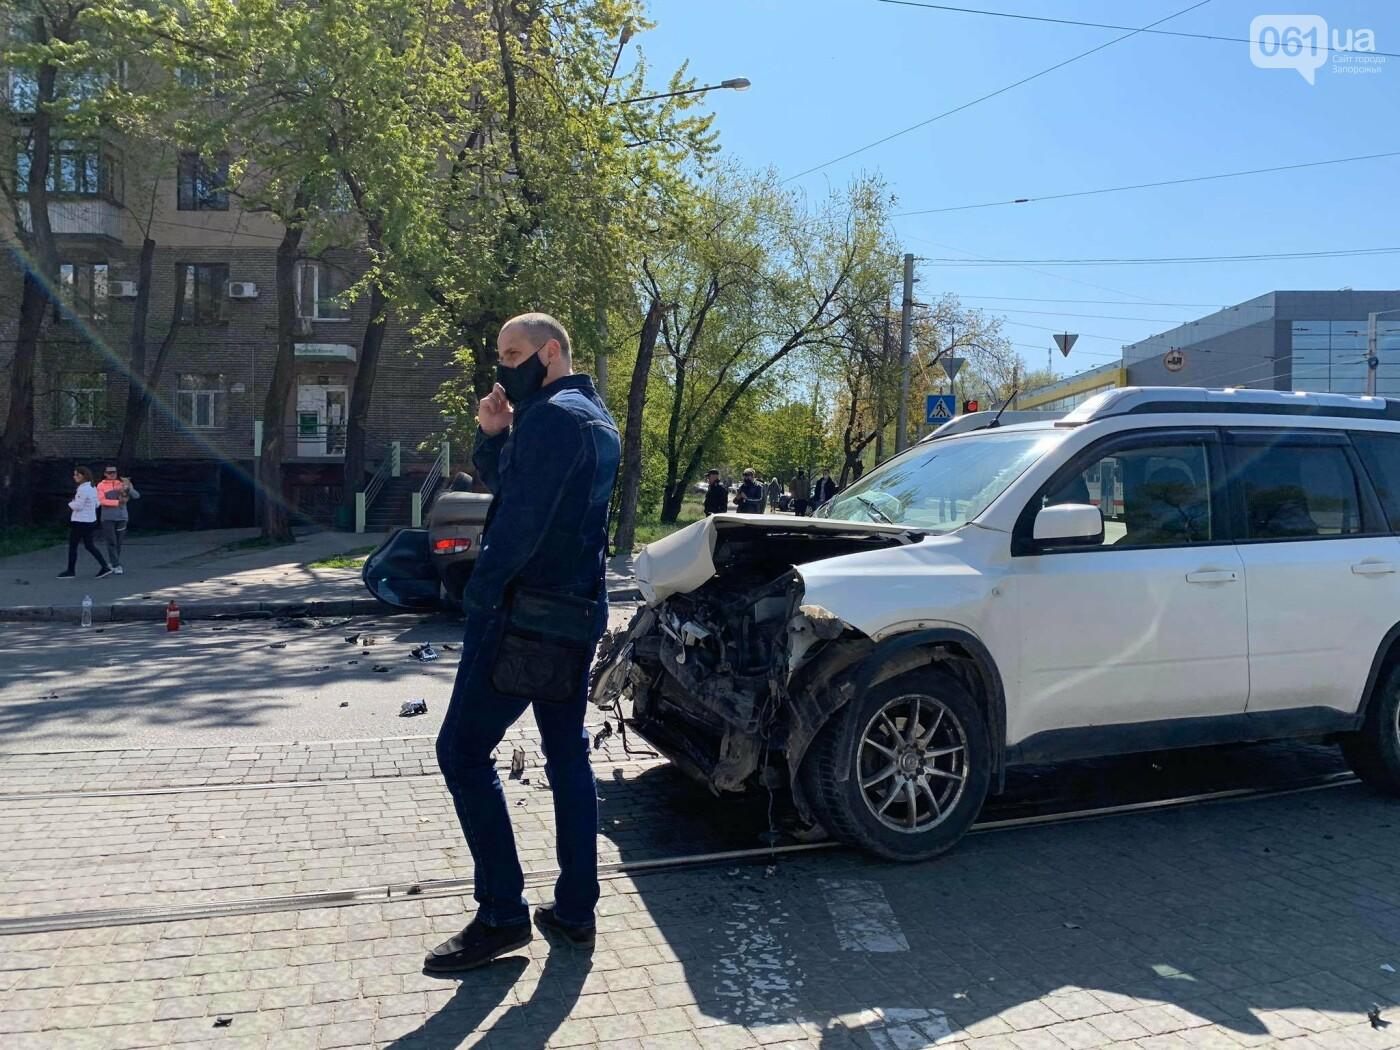 В запорожской полиции рассказали подробности утреннего ДТП с перевернувшимся авто , фото-2